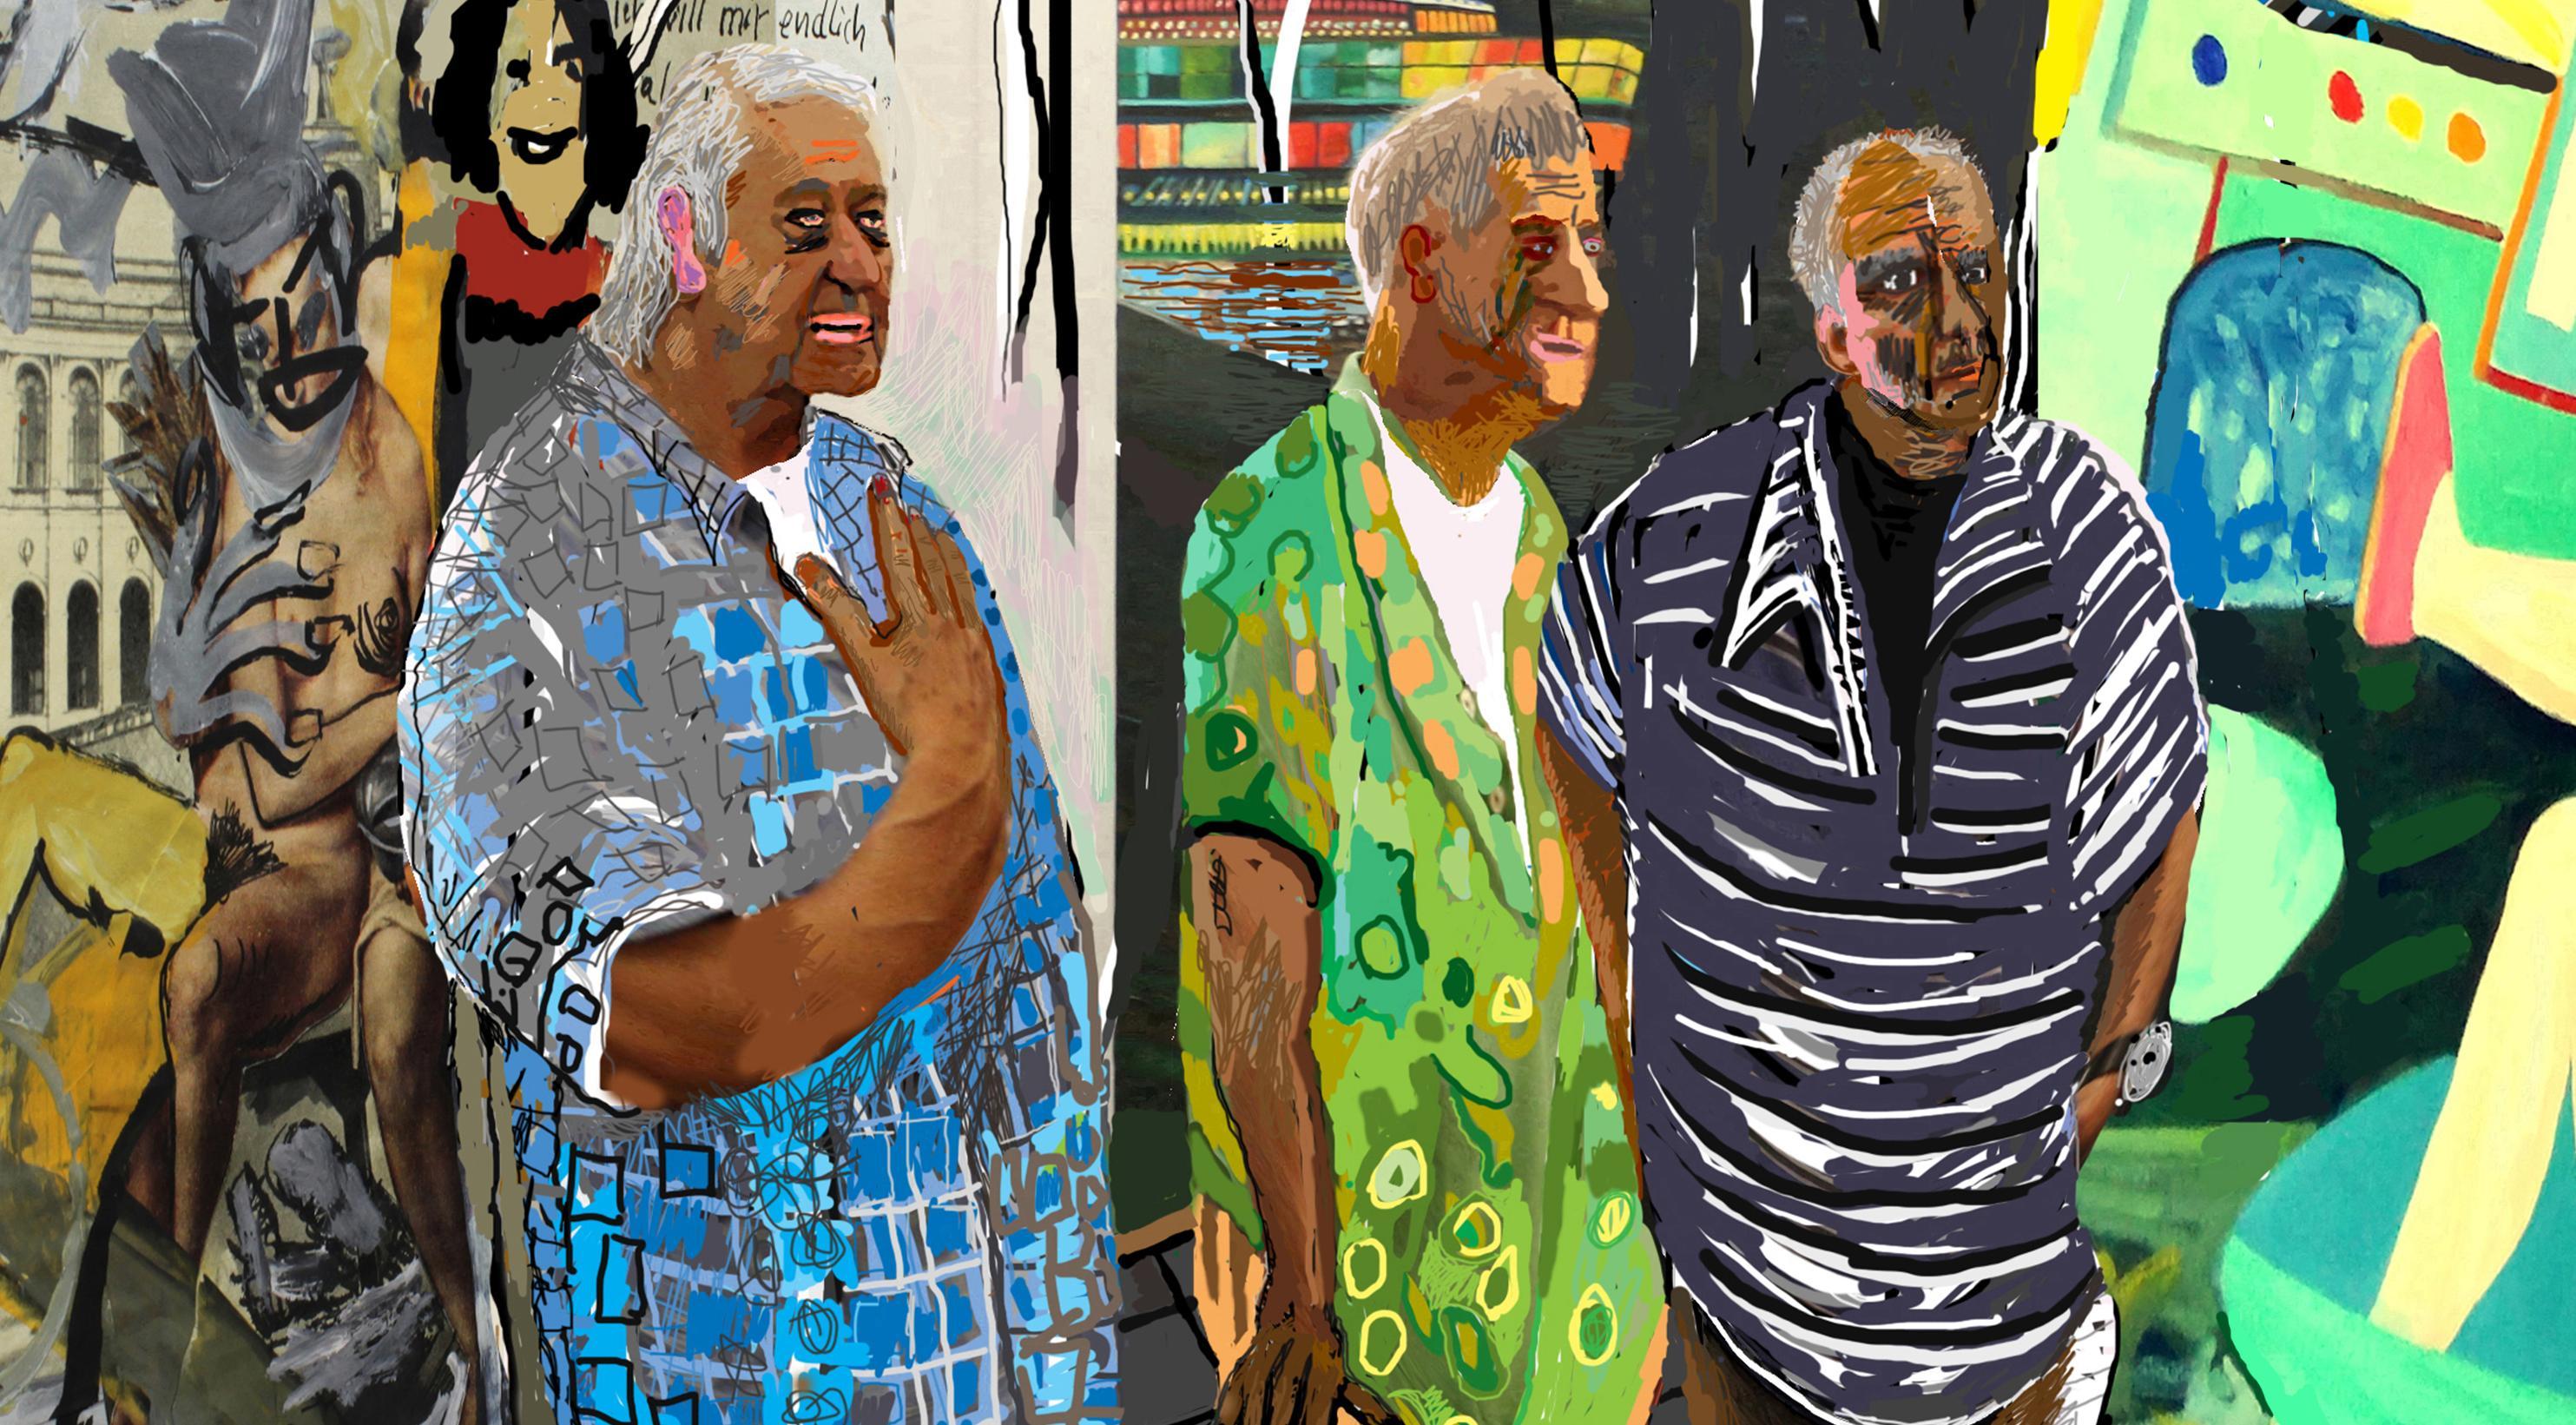 King Kong Kunstkabinett - Die Künstler sind anwesend 2019